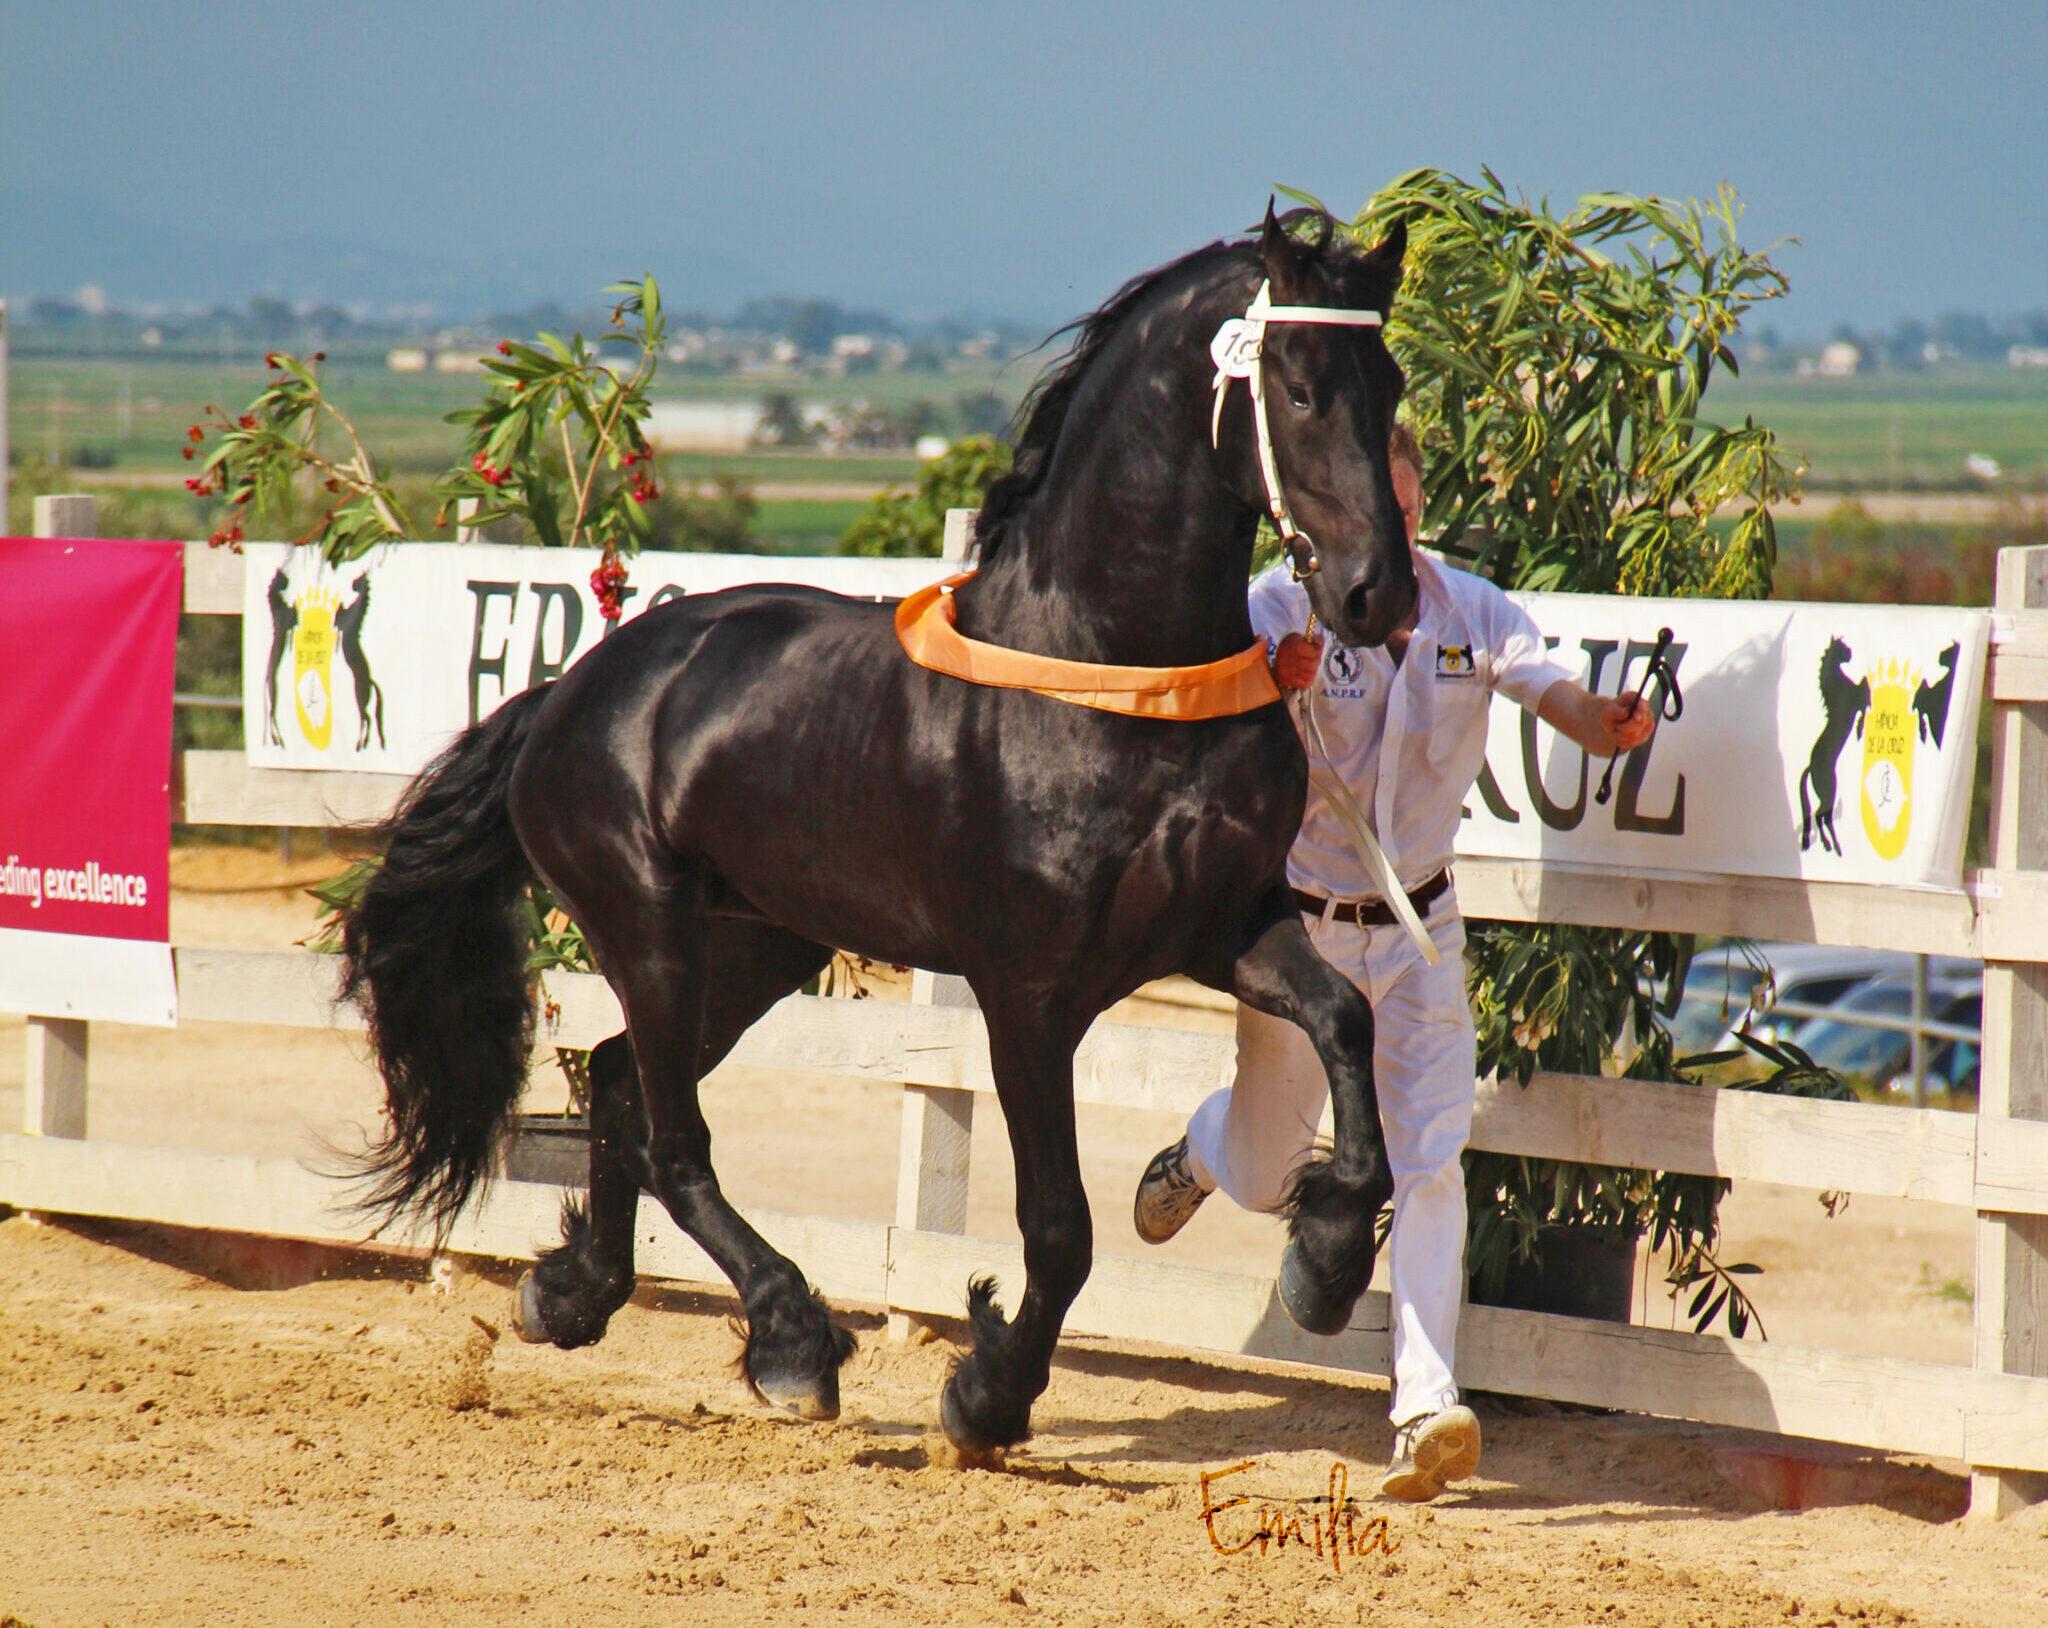 Horse Breed: Friesian - photo by Emiliayalag10 on Wikimedia Commons - Globetrotting horse riding holidays